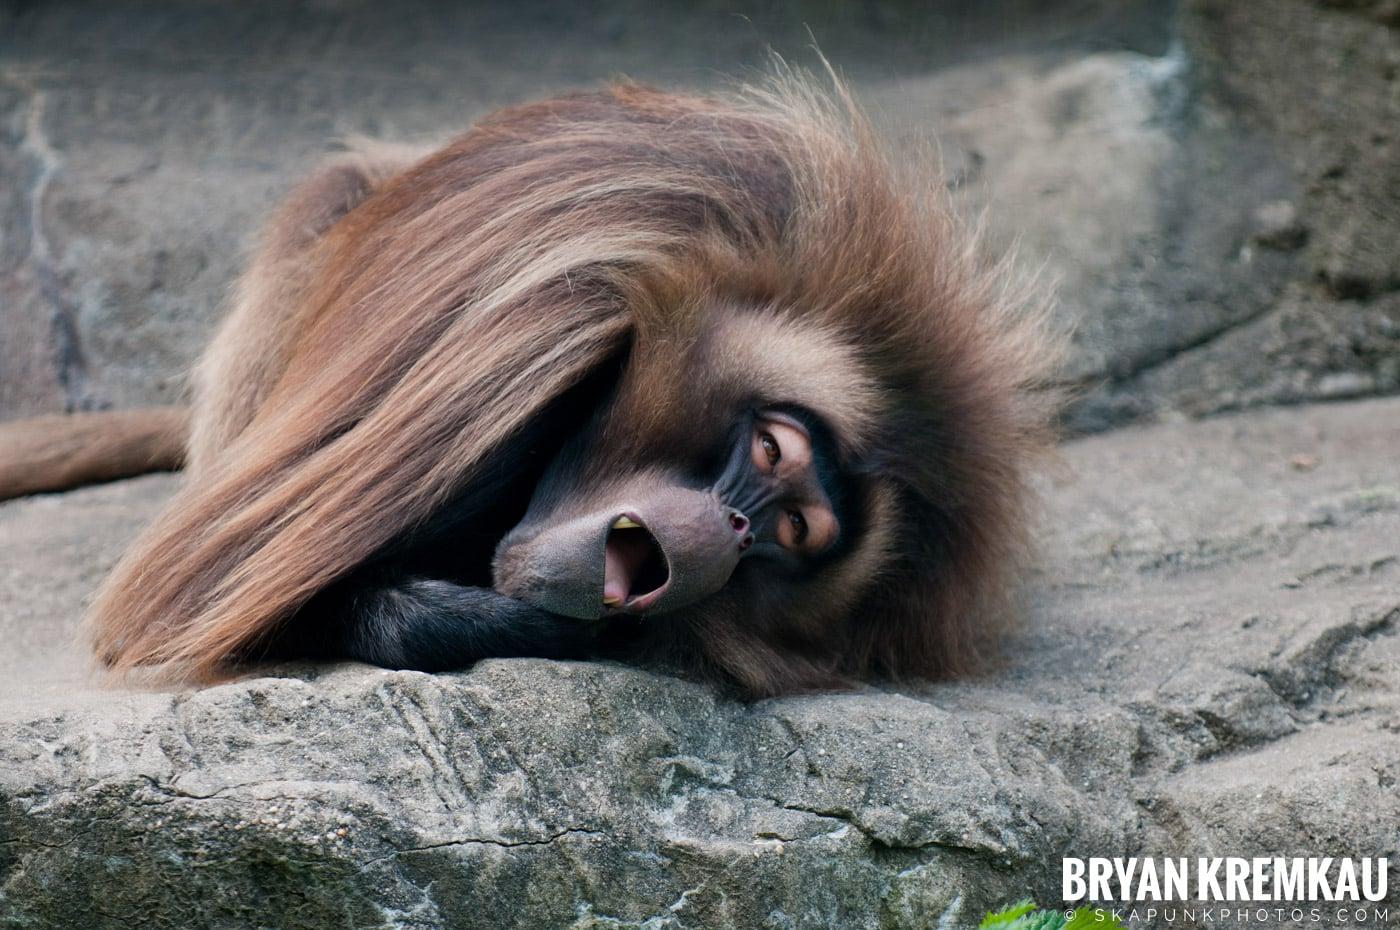 The Bronx Zoo @ Bronx, NYC - 5.7.11 (44)